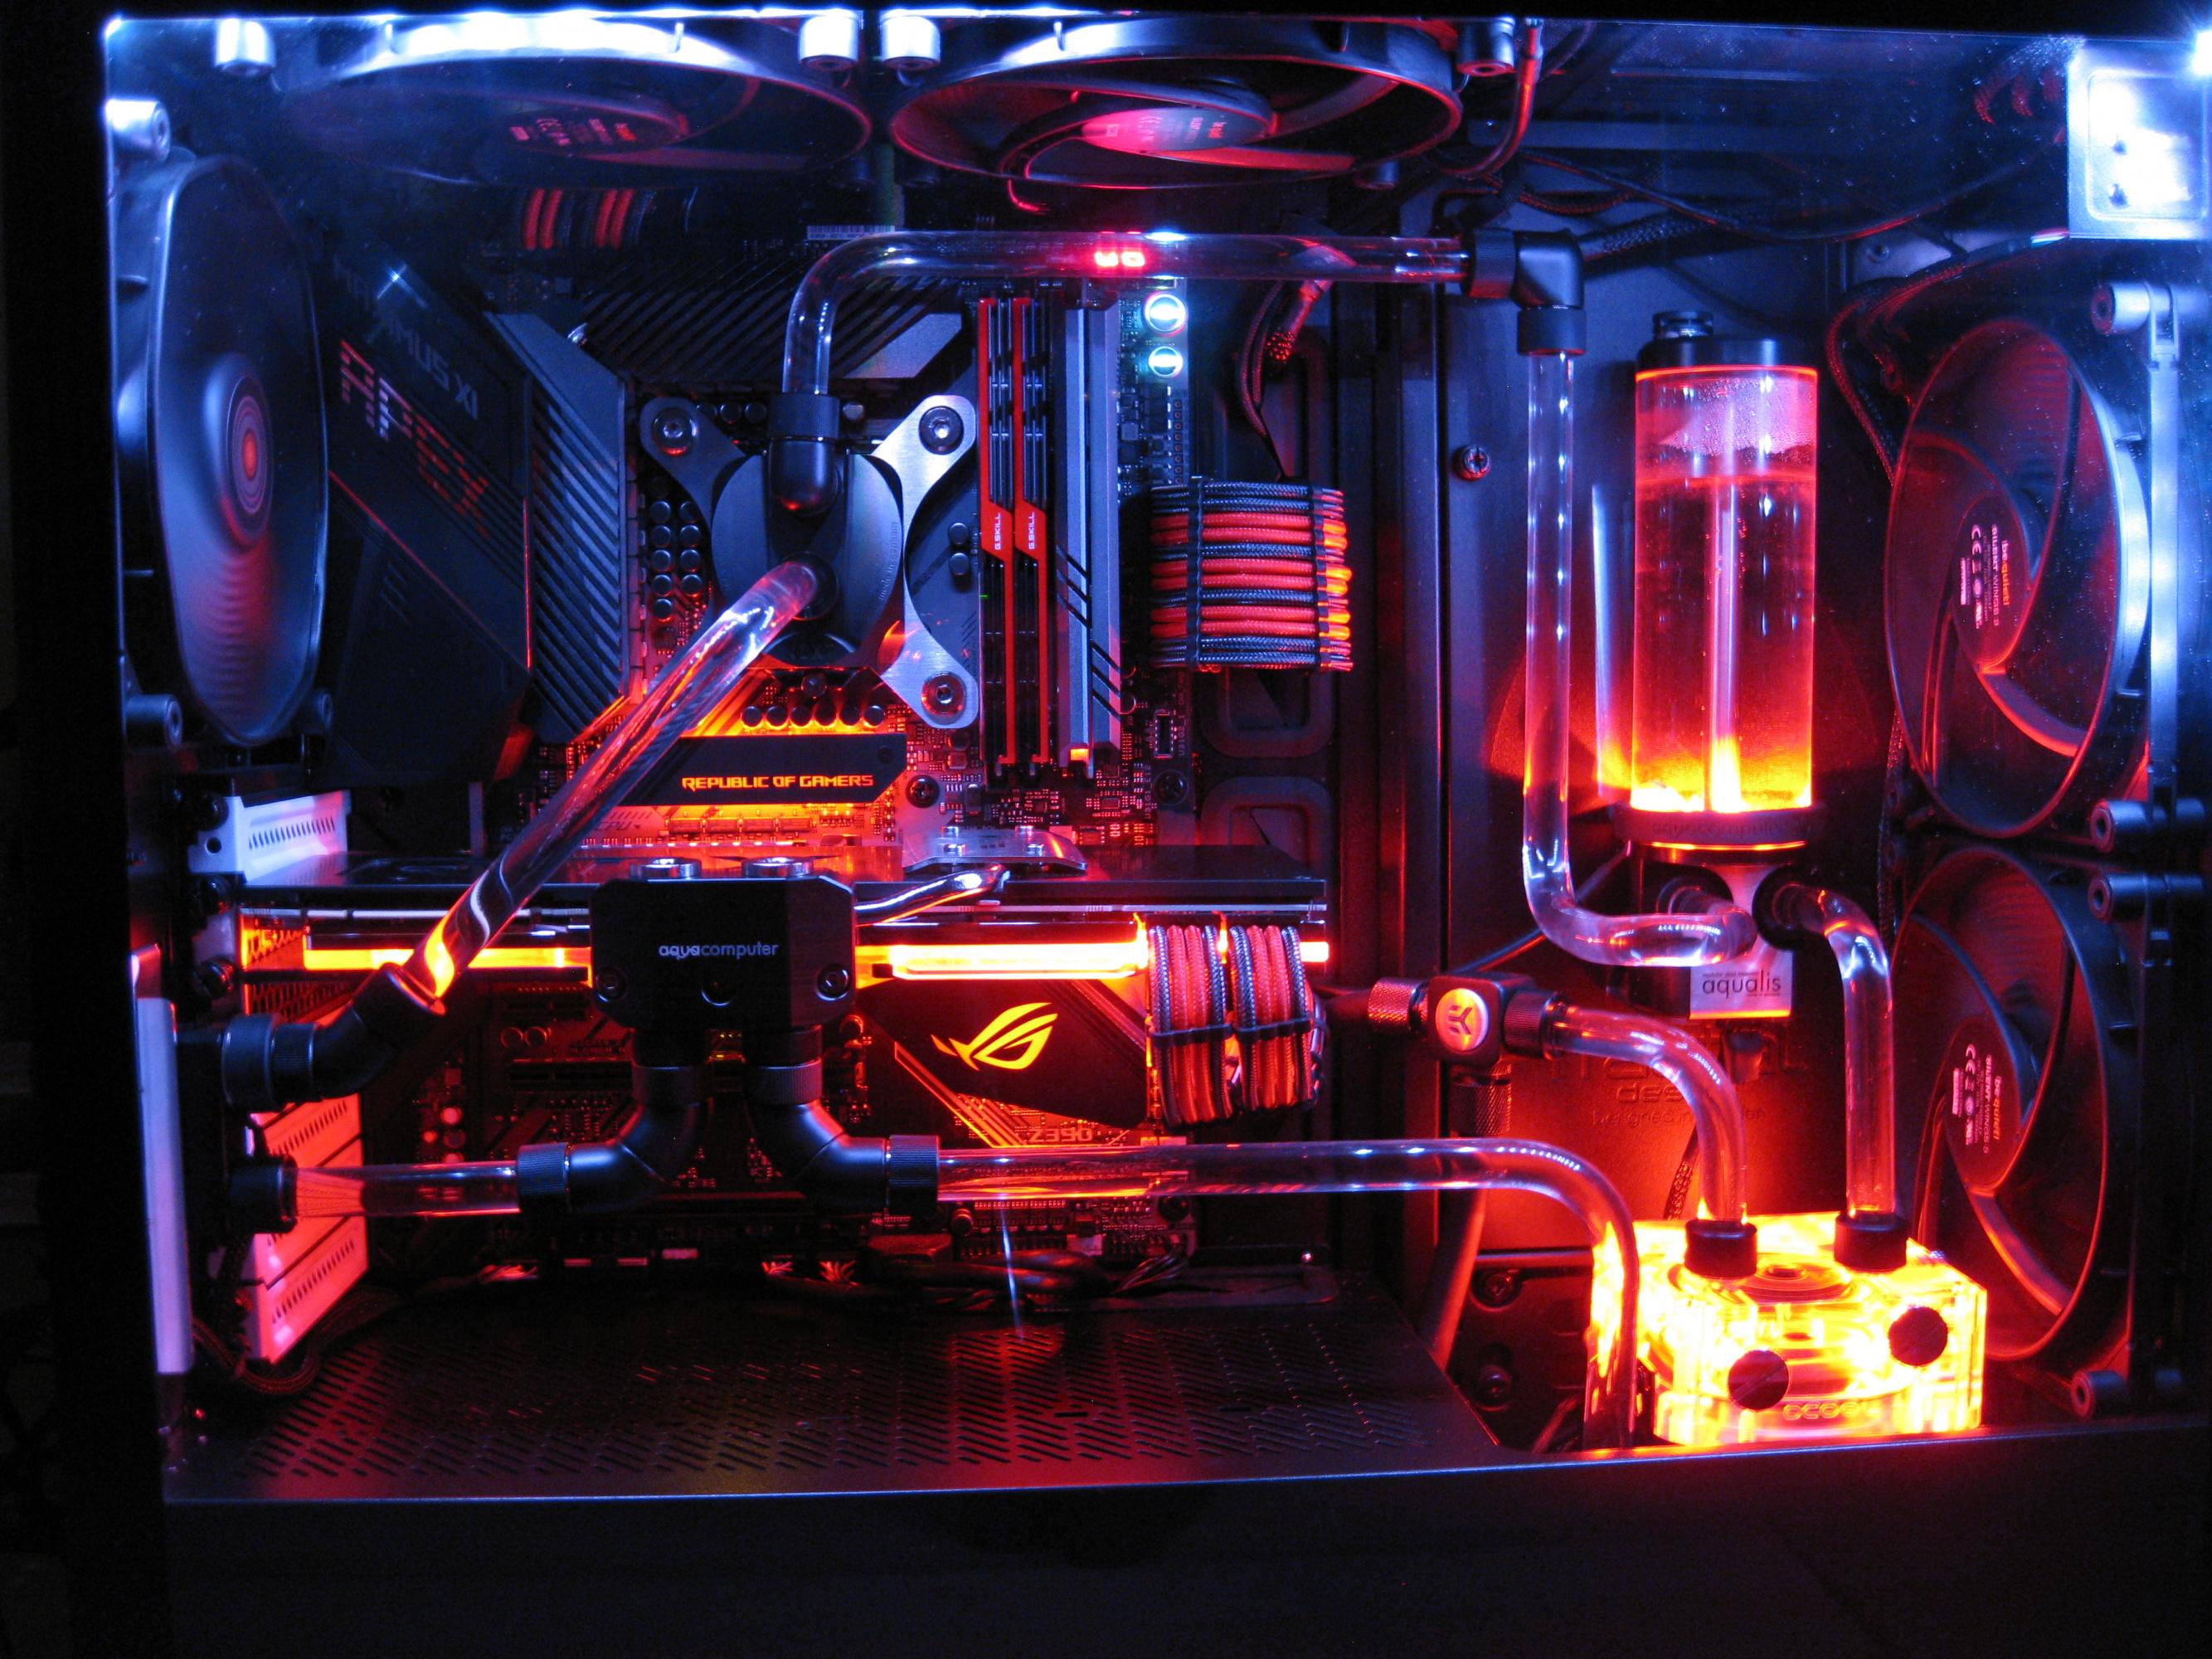 Rechner mit Beleuchtung